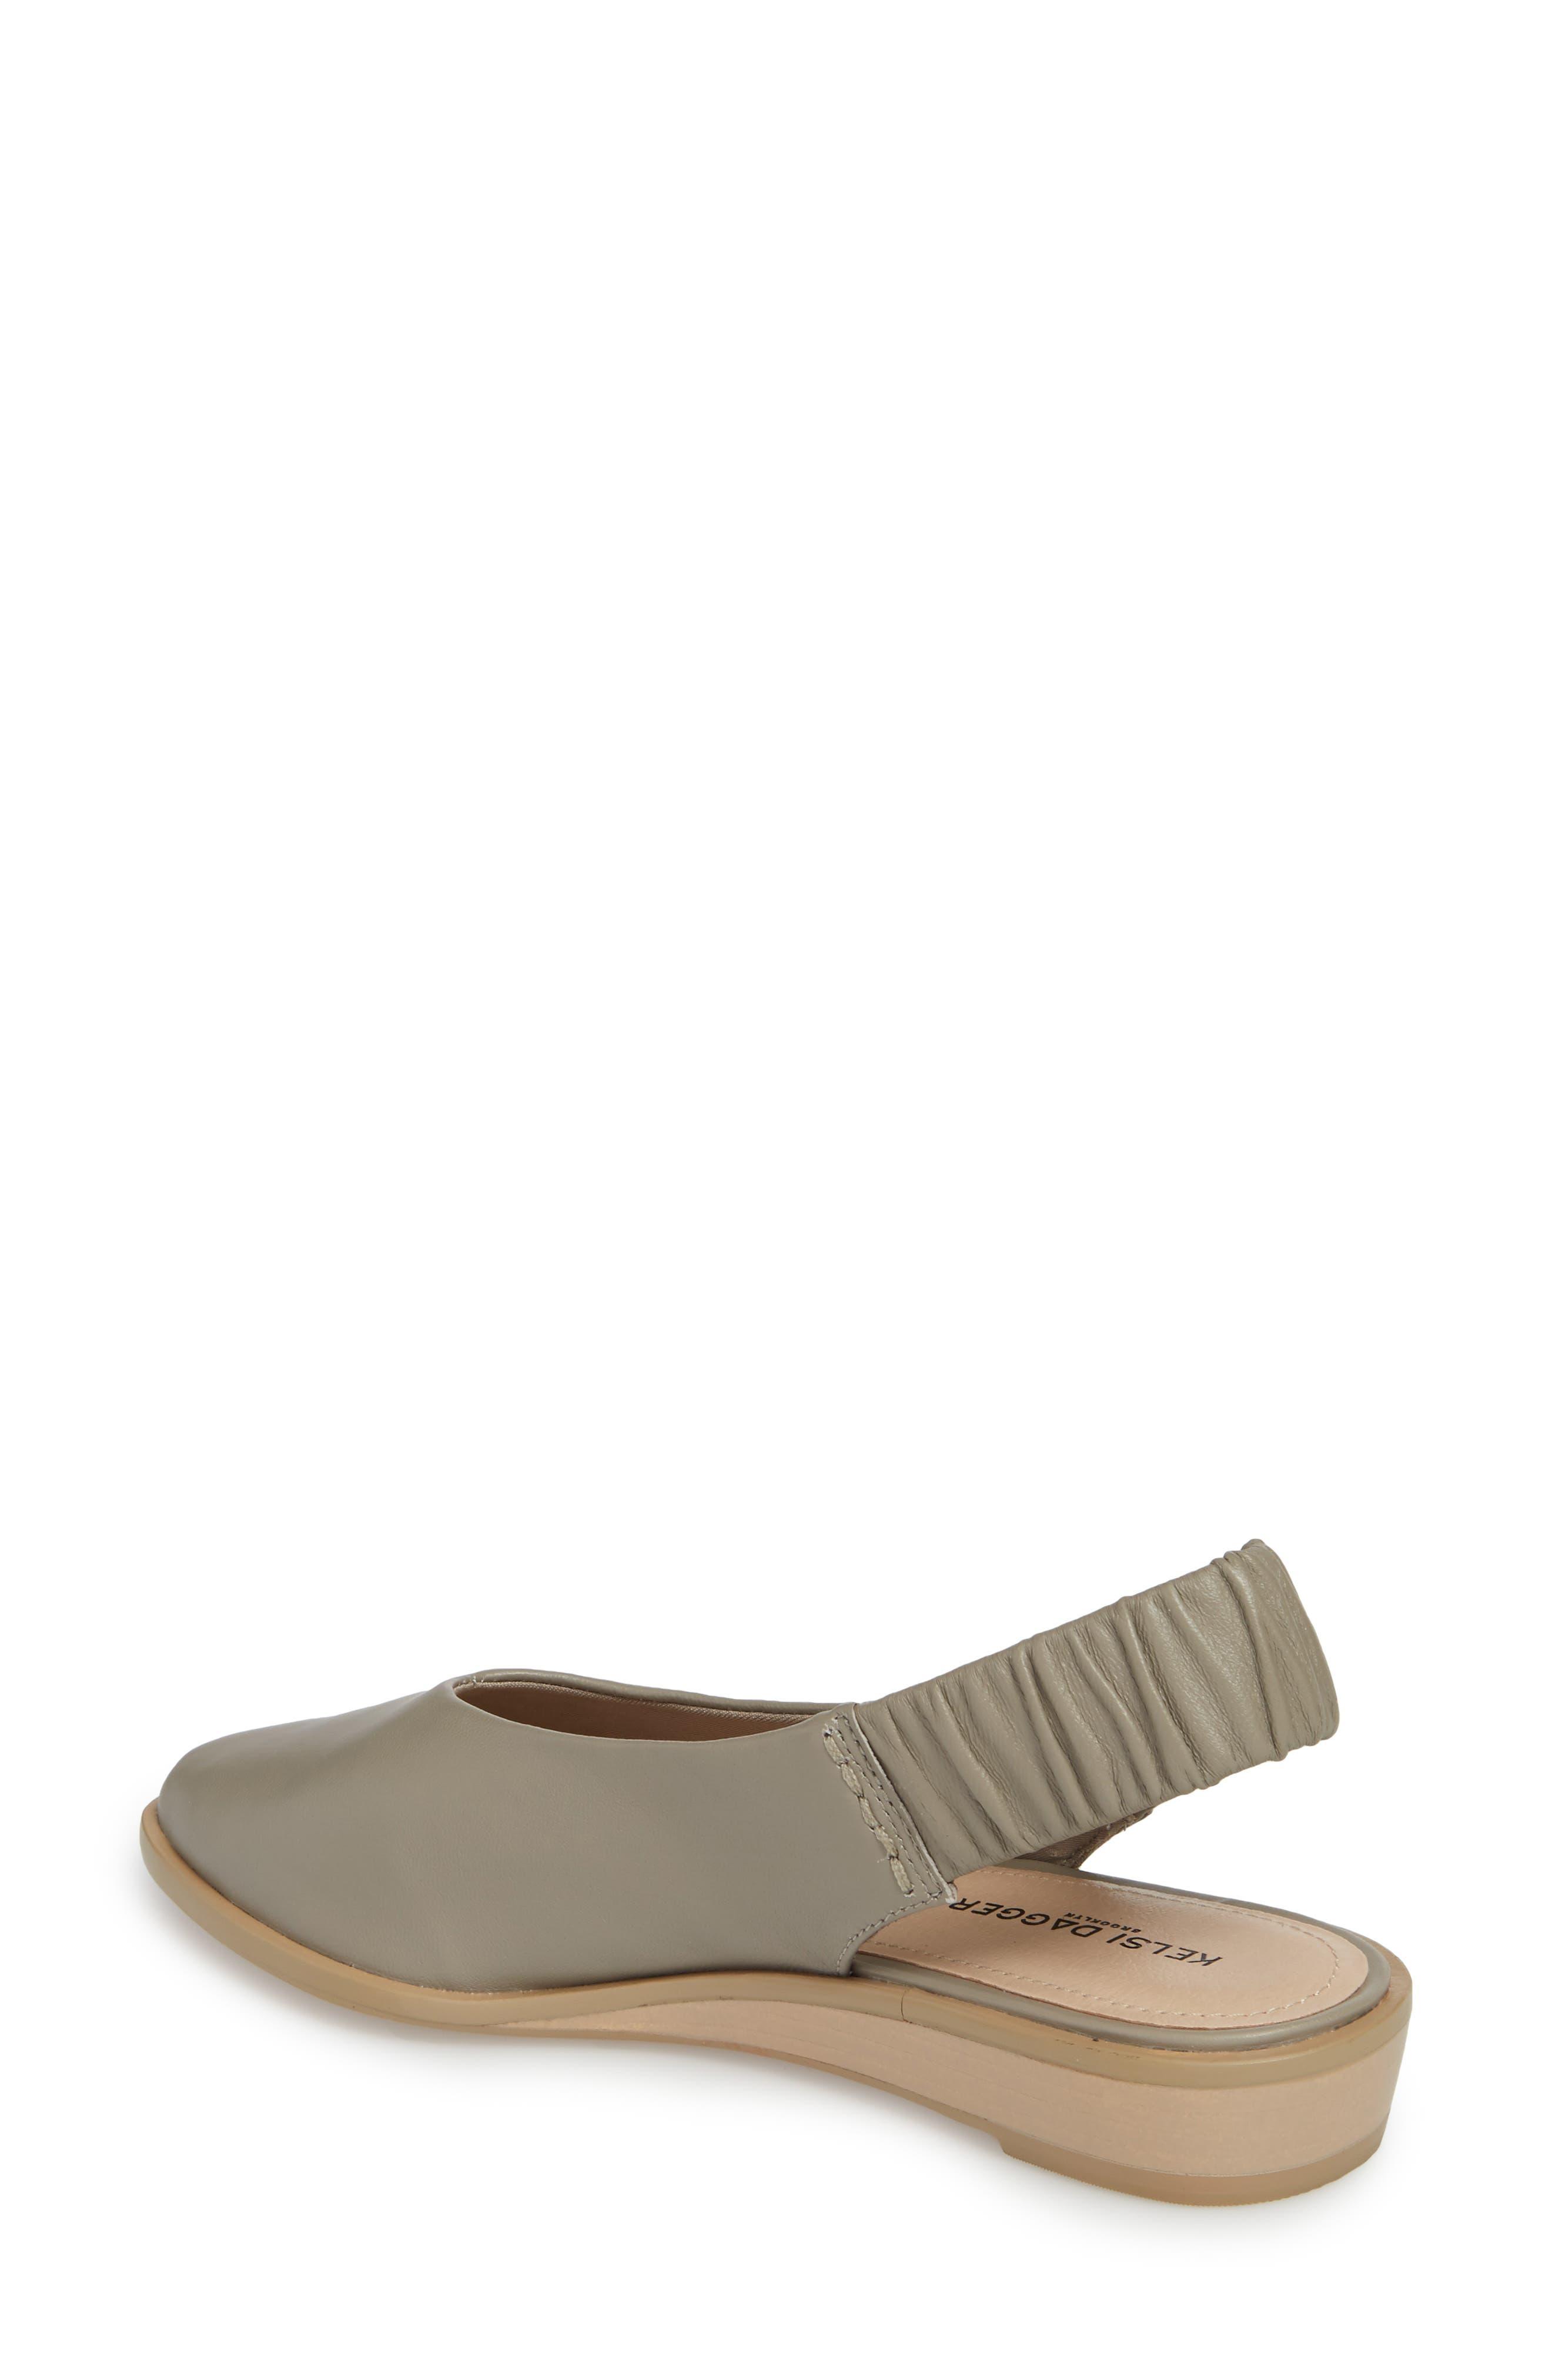 Alton Slingback Sandal,                             Alternate thumbnail 2, color,                             Clove Leather